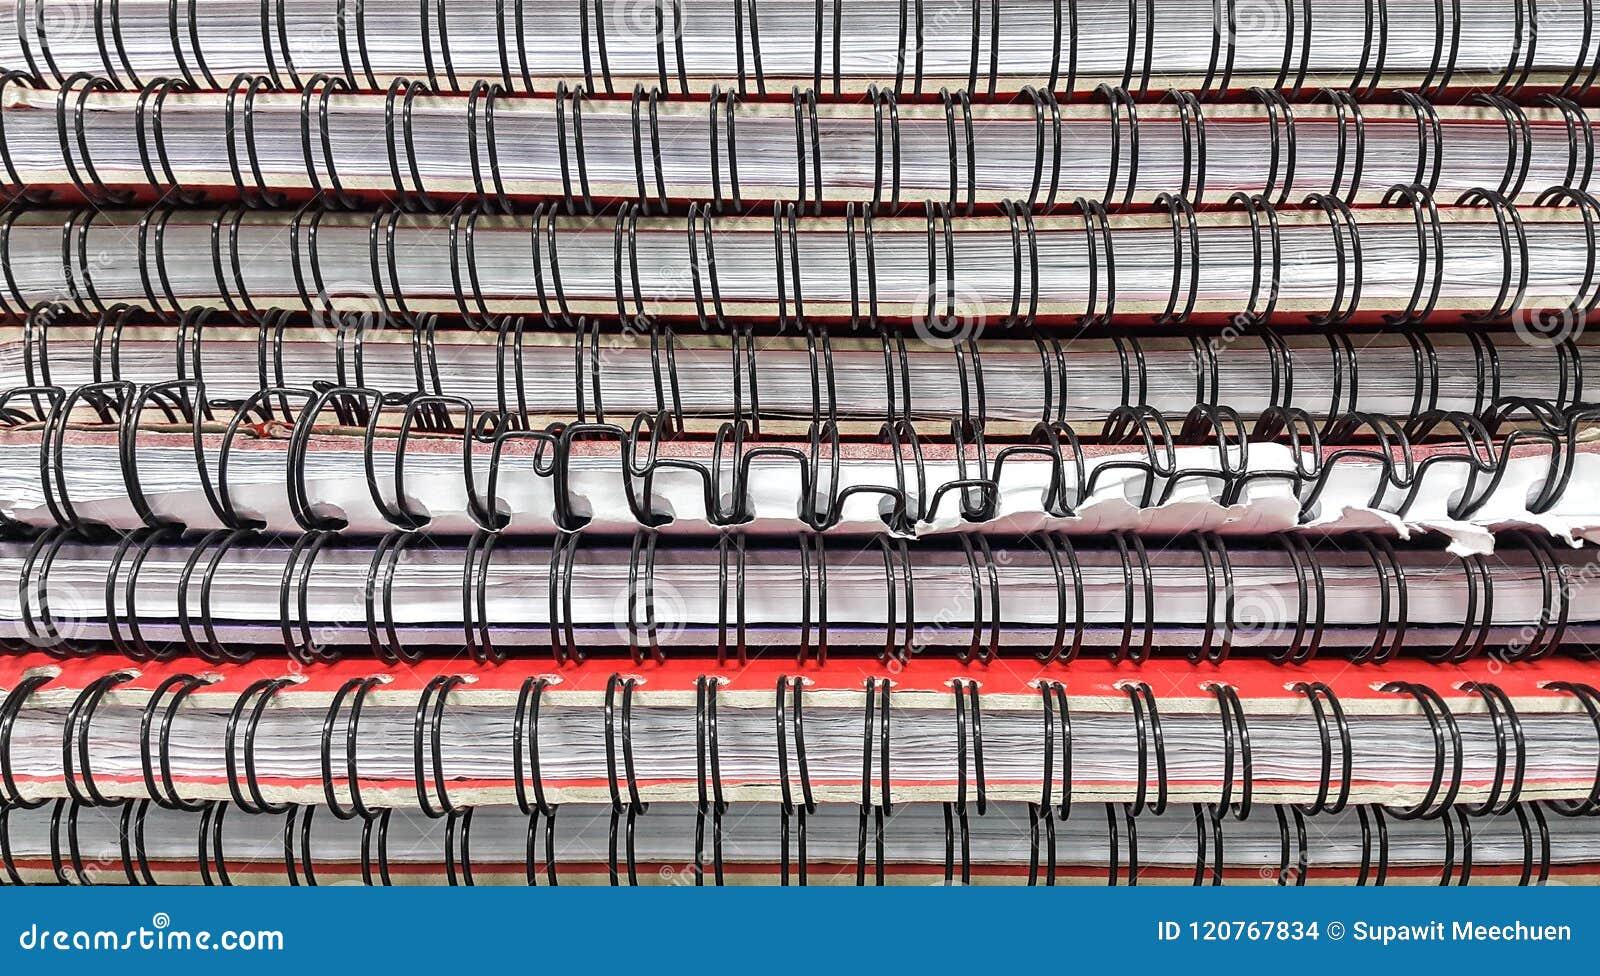 Σωρός των σημειωματάριων στον πίνακα στο δωμάτιο βιβλιοθηκών